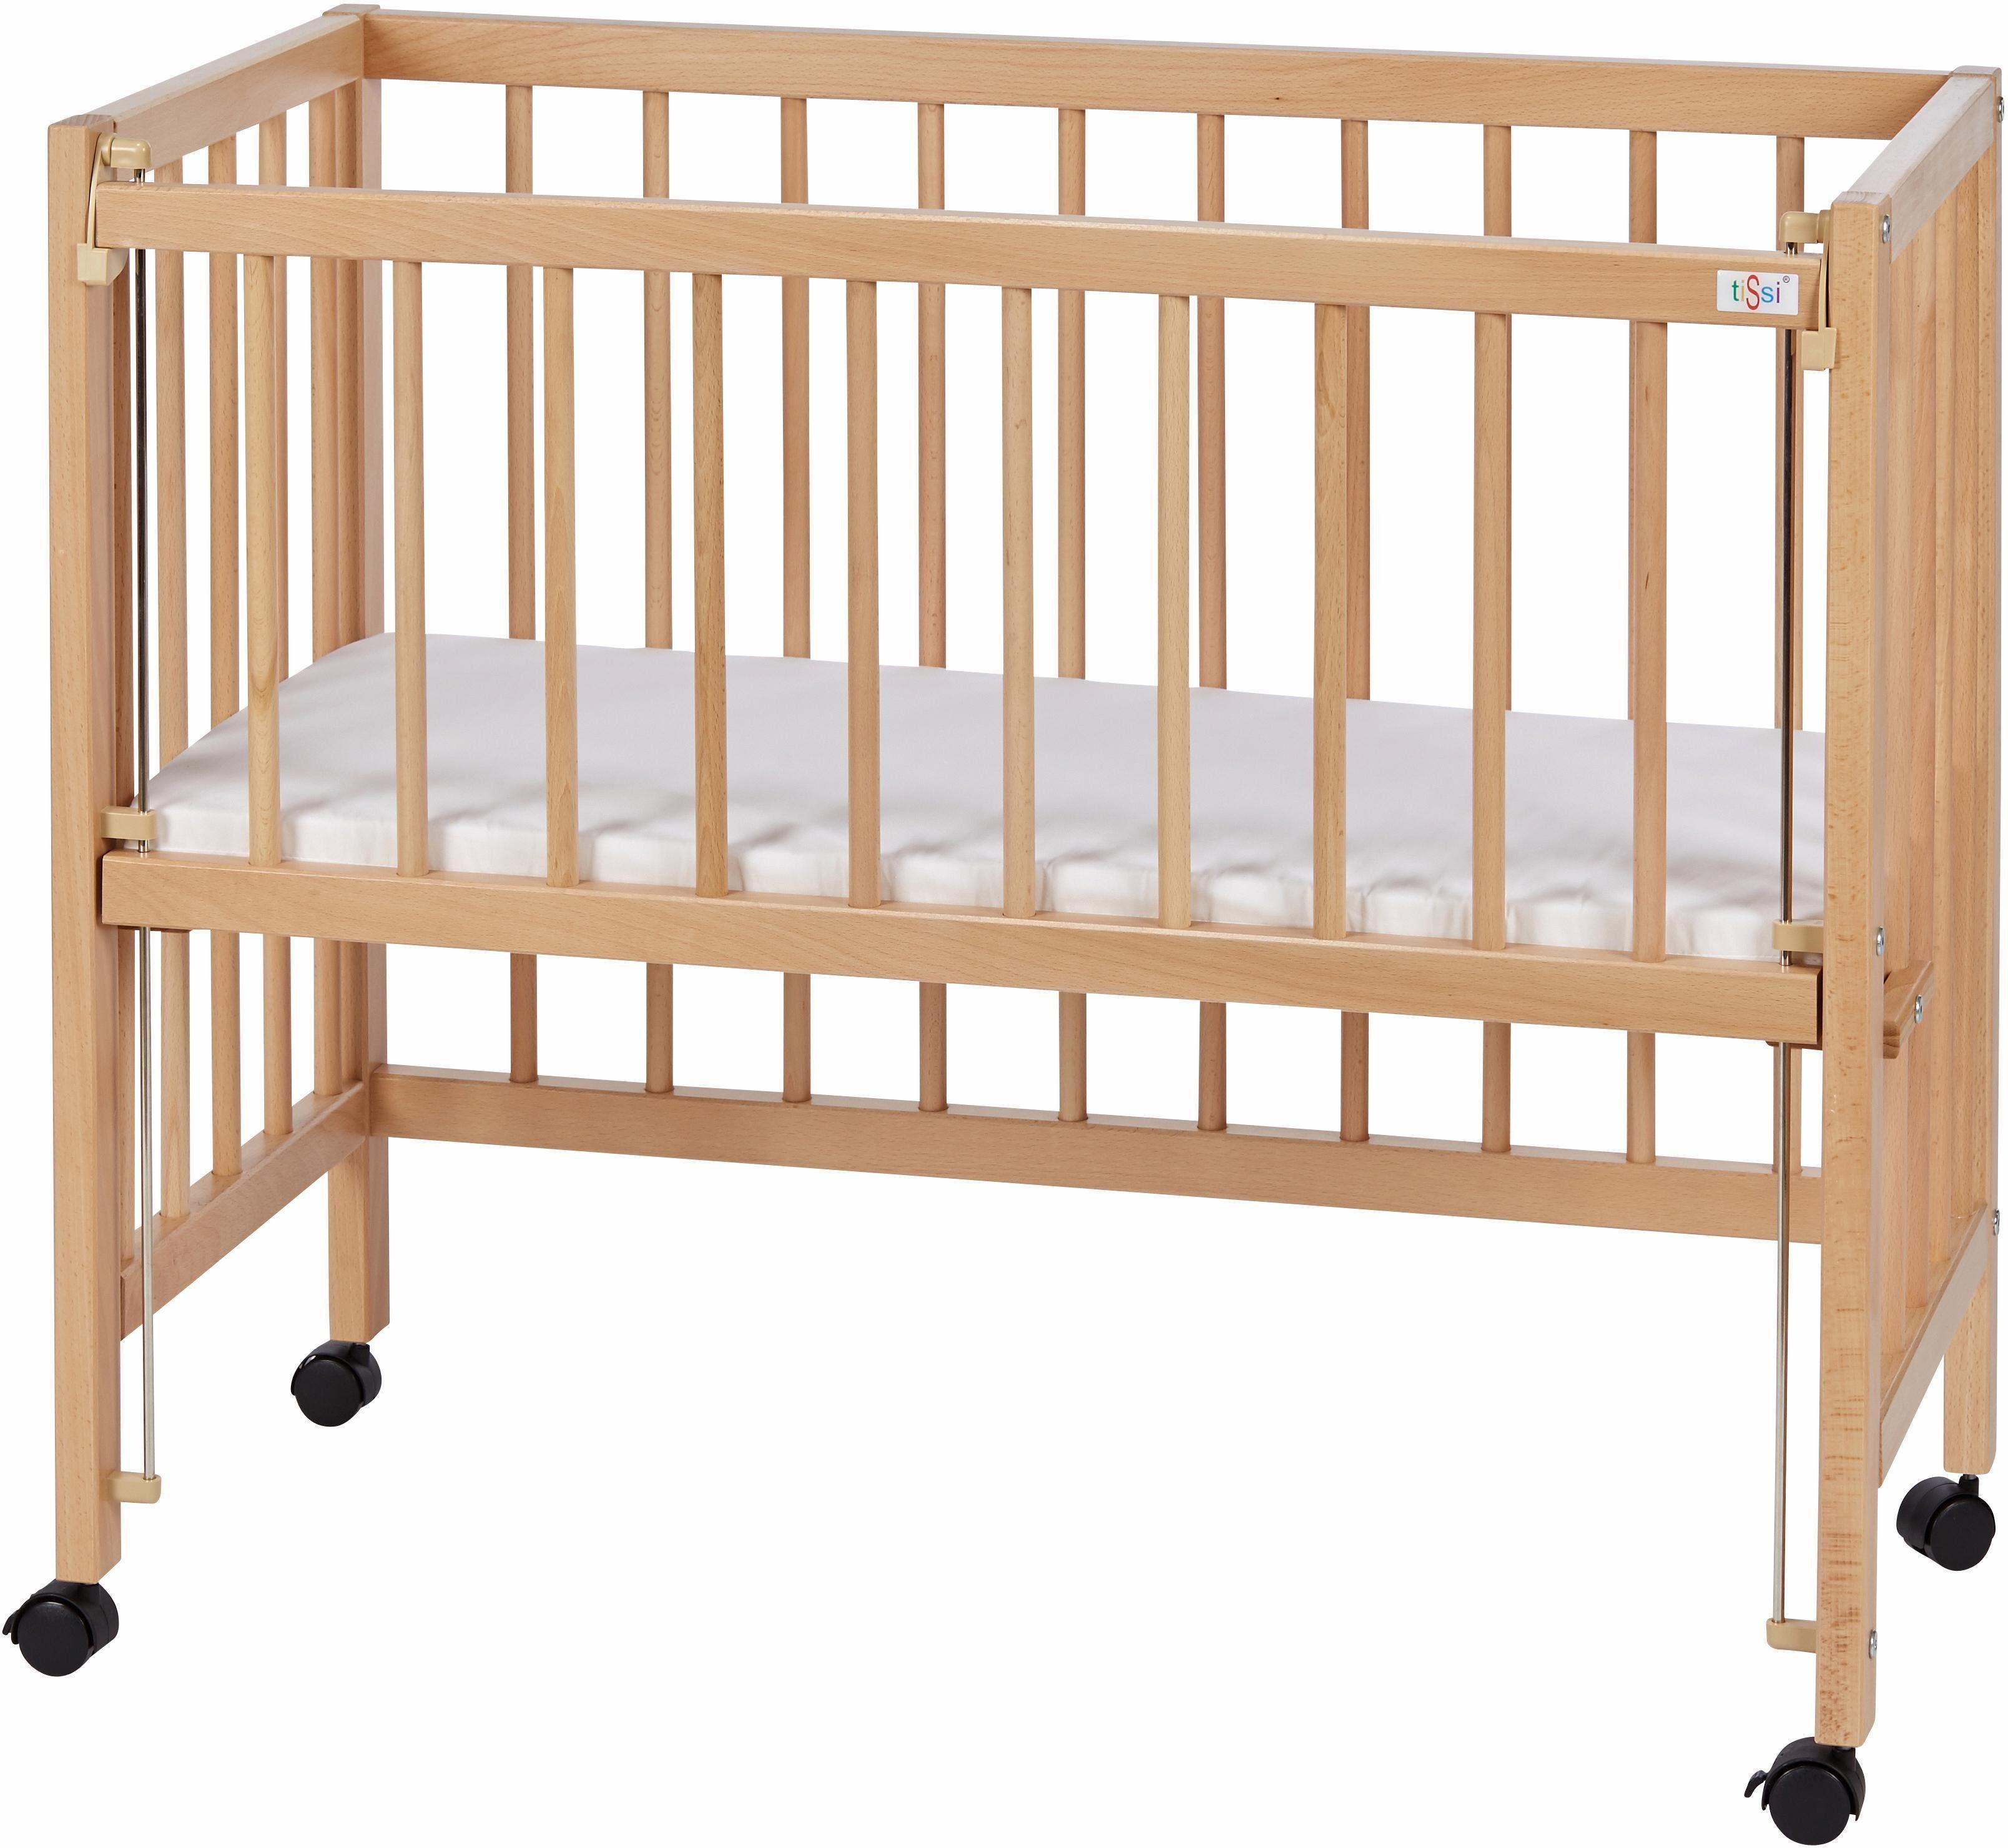 TiSsi Baby Beistellbett Anstellbett Buche weiß mit Matratze